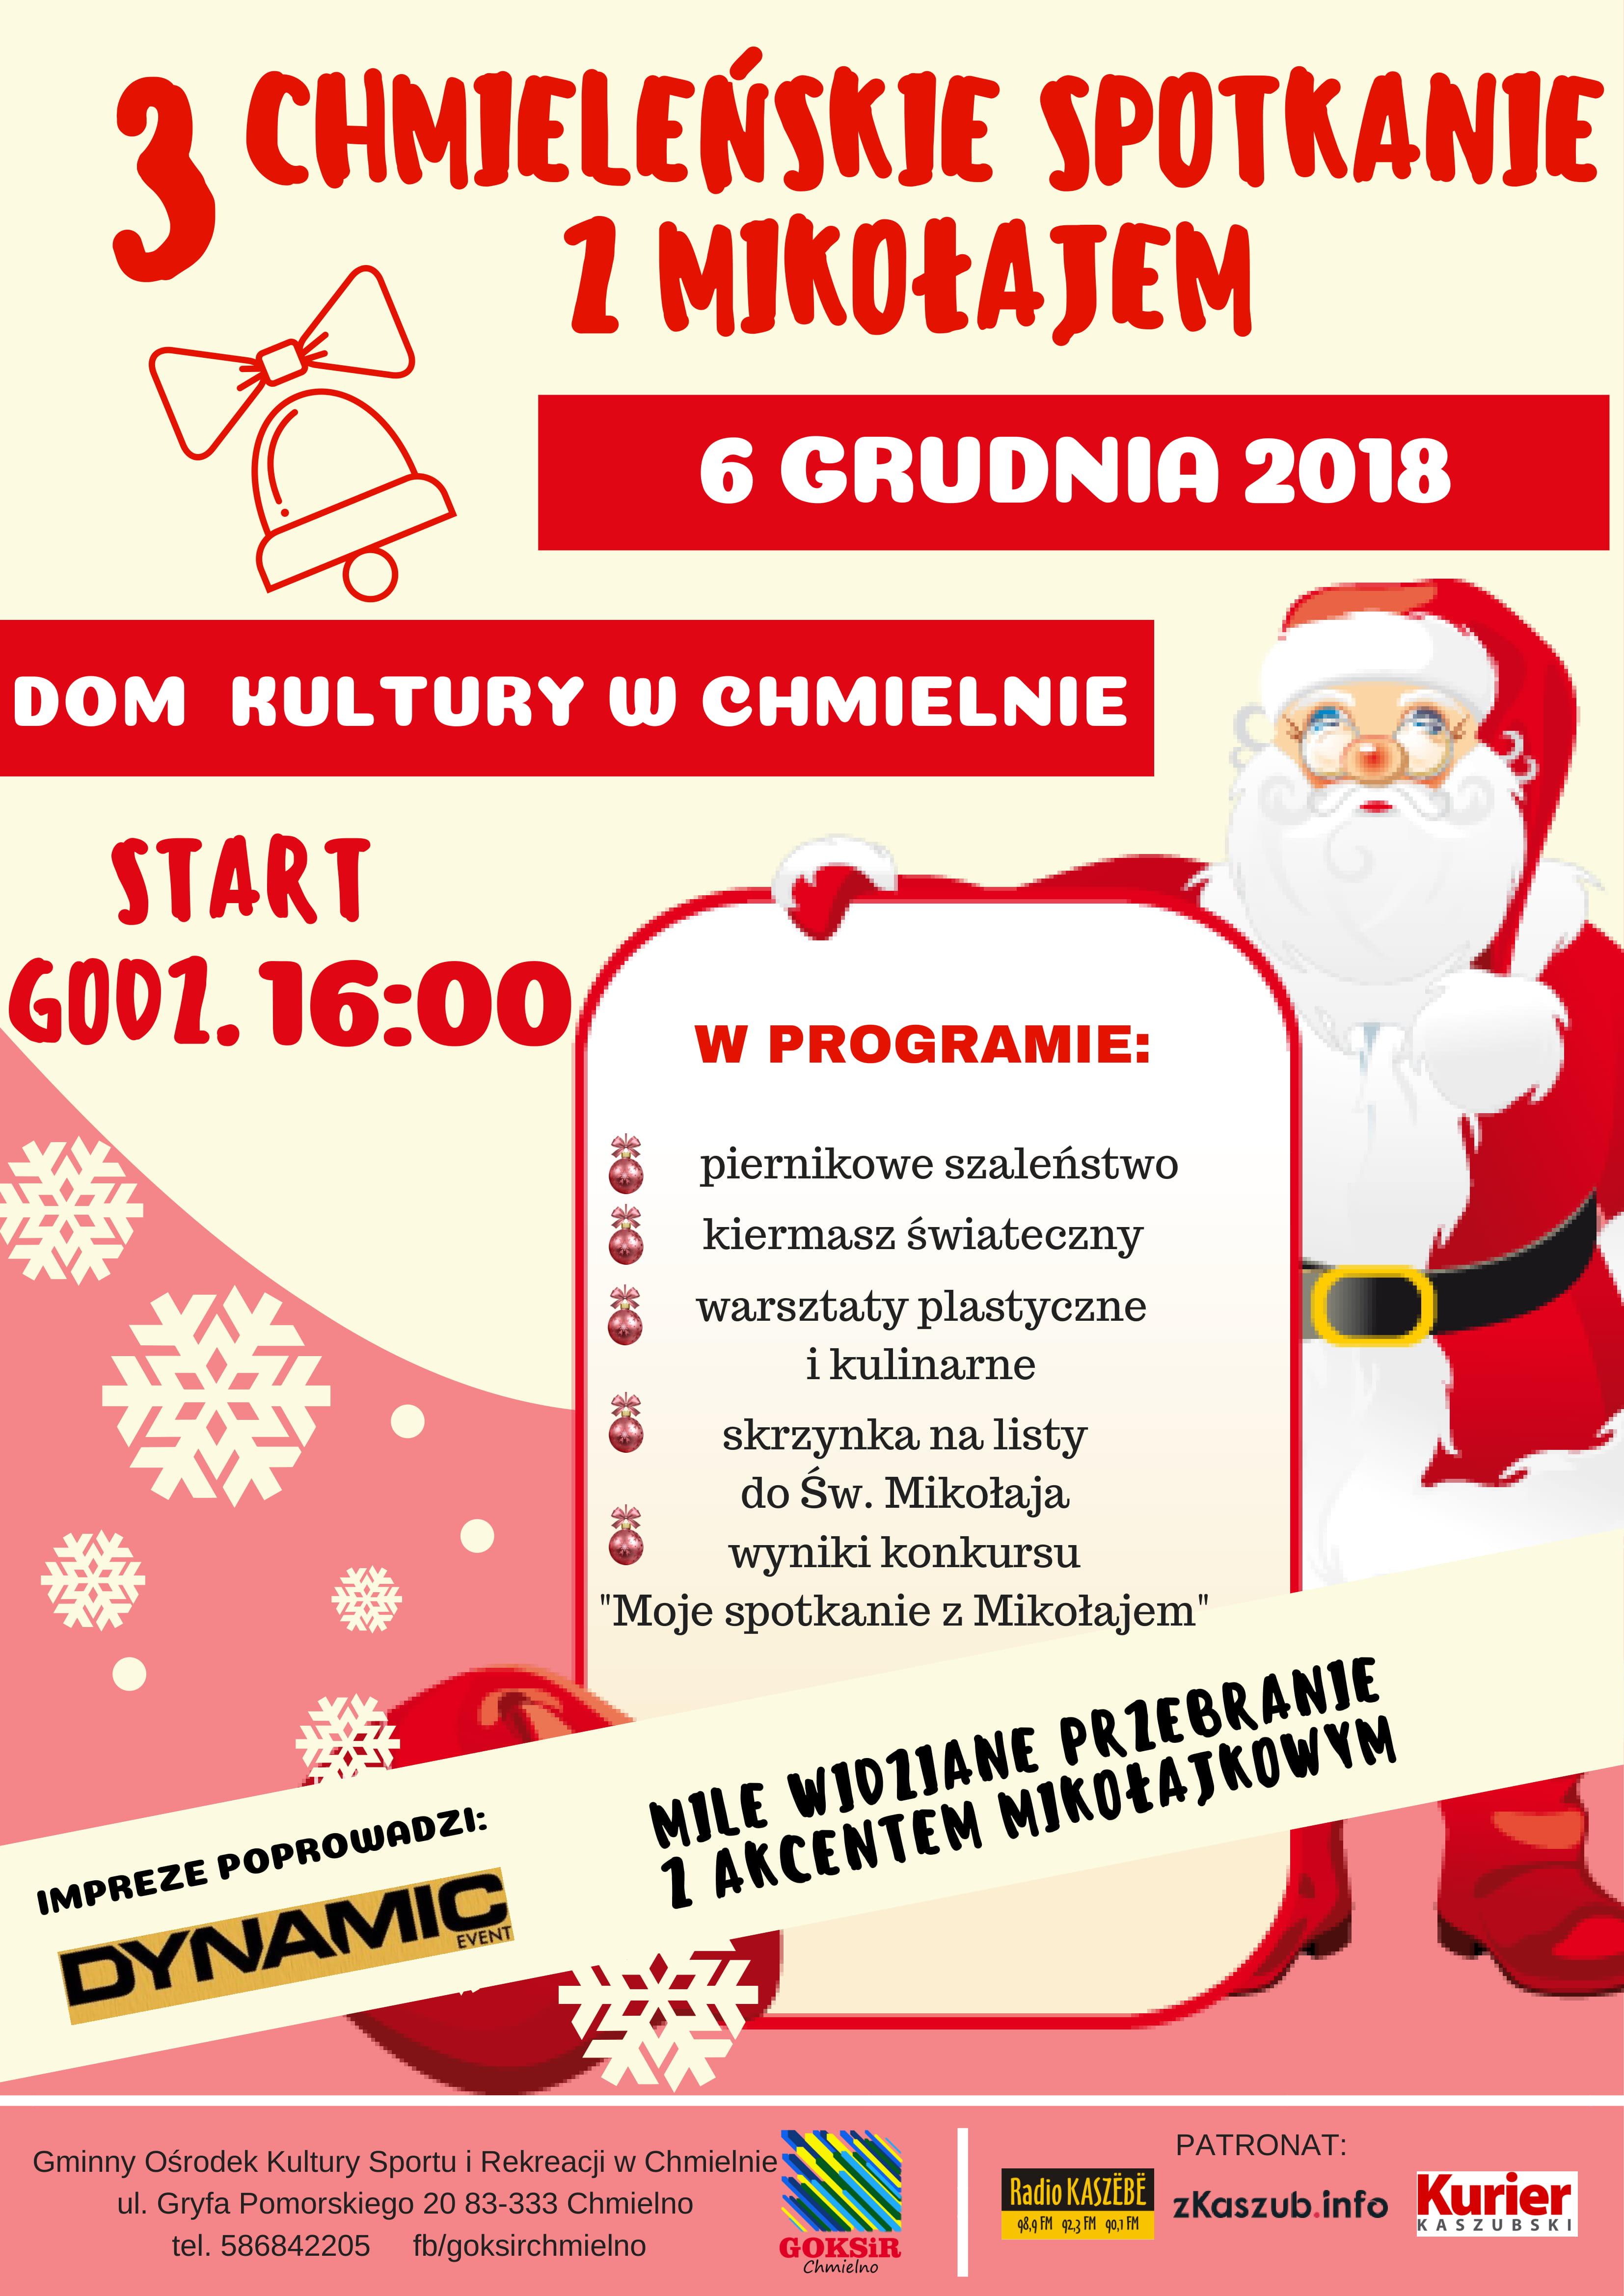 3. Chmieleńskie spotkanie z Mikołajem